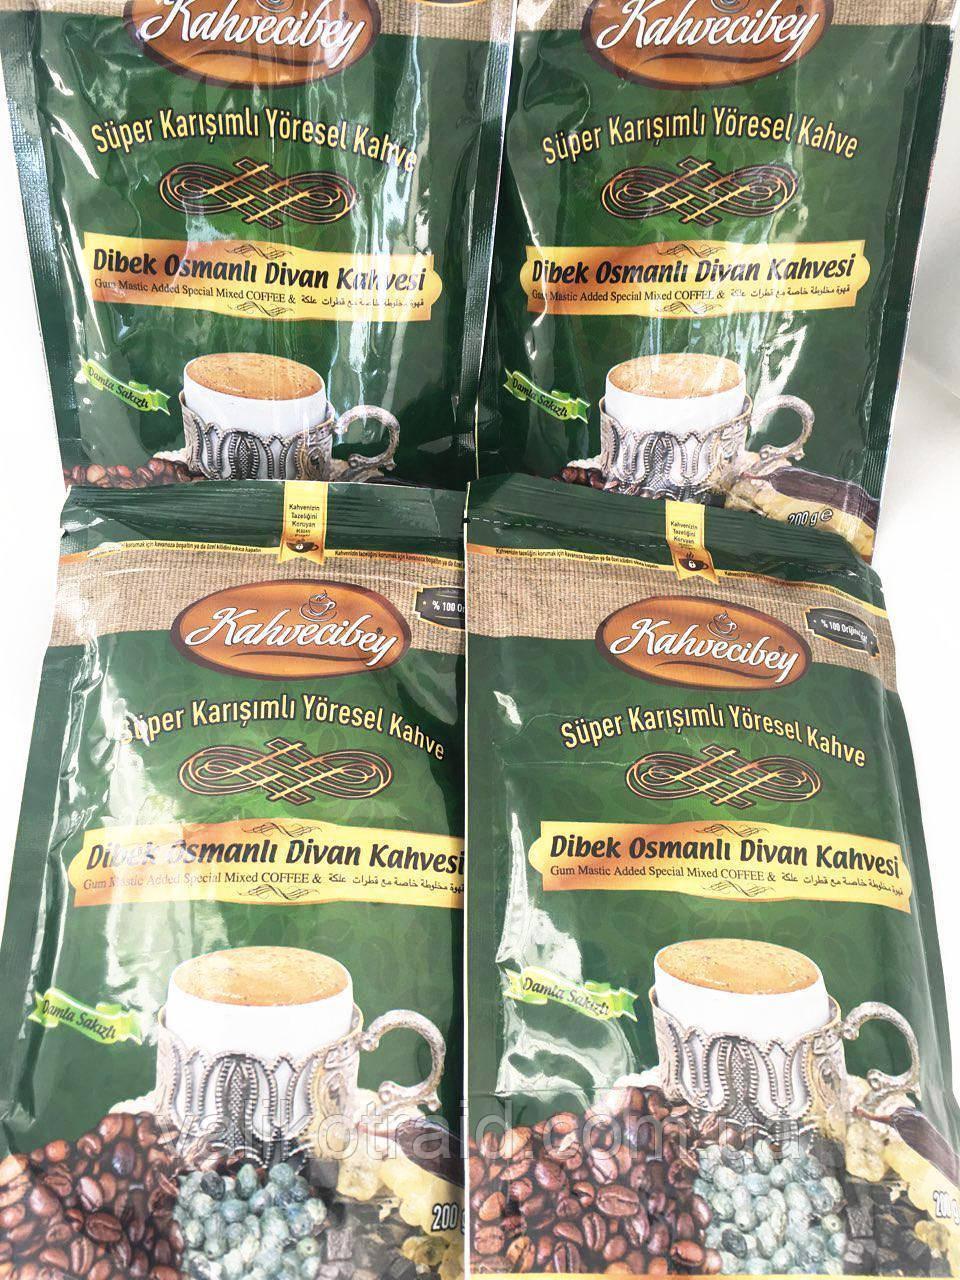 """Kофе турецкий """" DIBEK osmanli divan kahvesi"""" , 200г (арабика 100%, мускатный орех, какао, кофейный крем)к"""